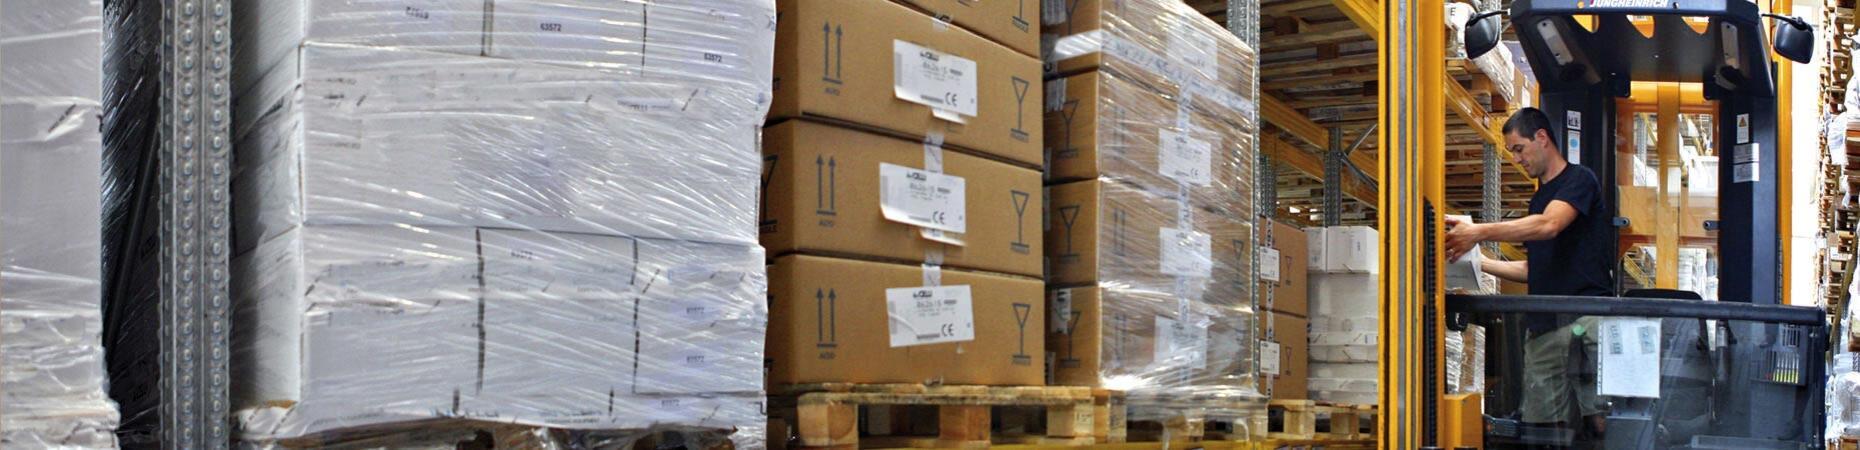 ecoservice-forli it servizi-logistica-magazzino-forli 005